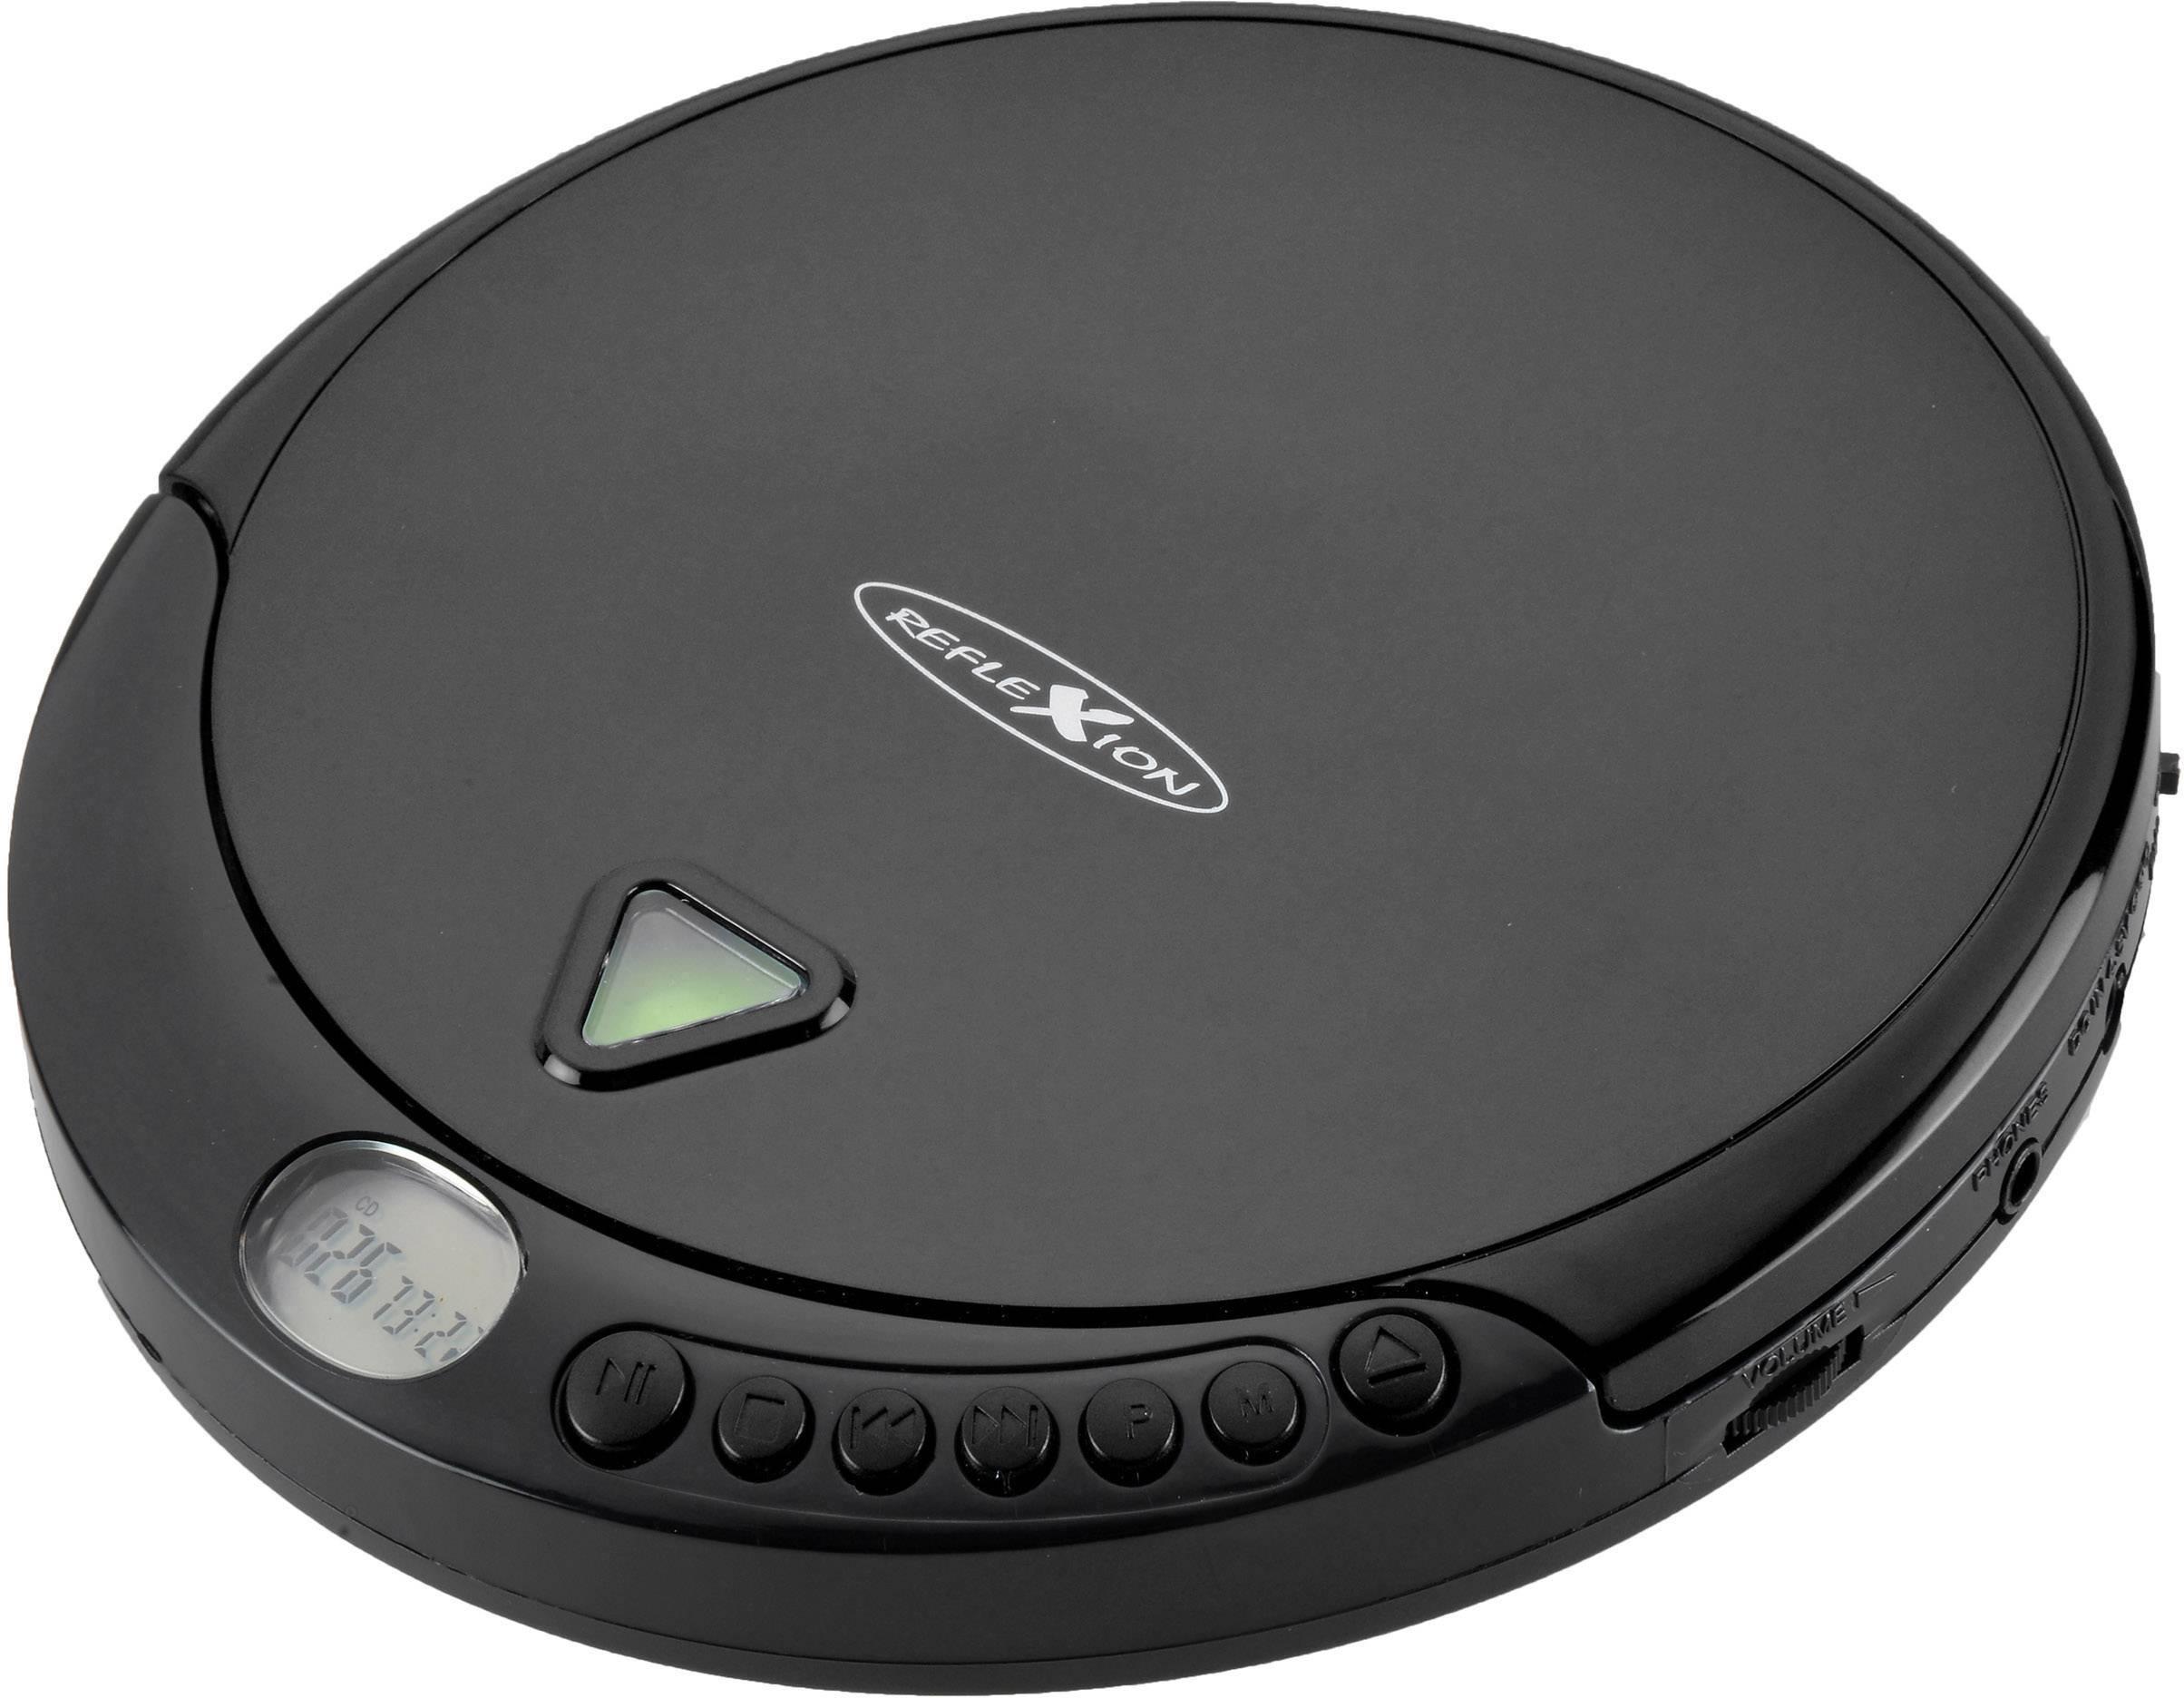 Discman - přenosný CD přehrávač s FM rádiem Reflexion PCD510MF, CD, CD-R, CD-RW, MP3, černá